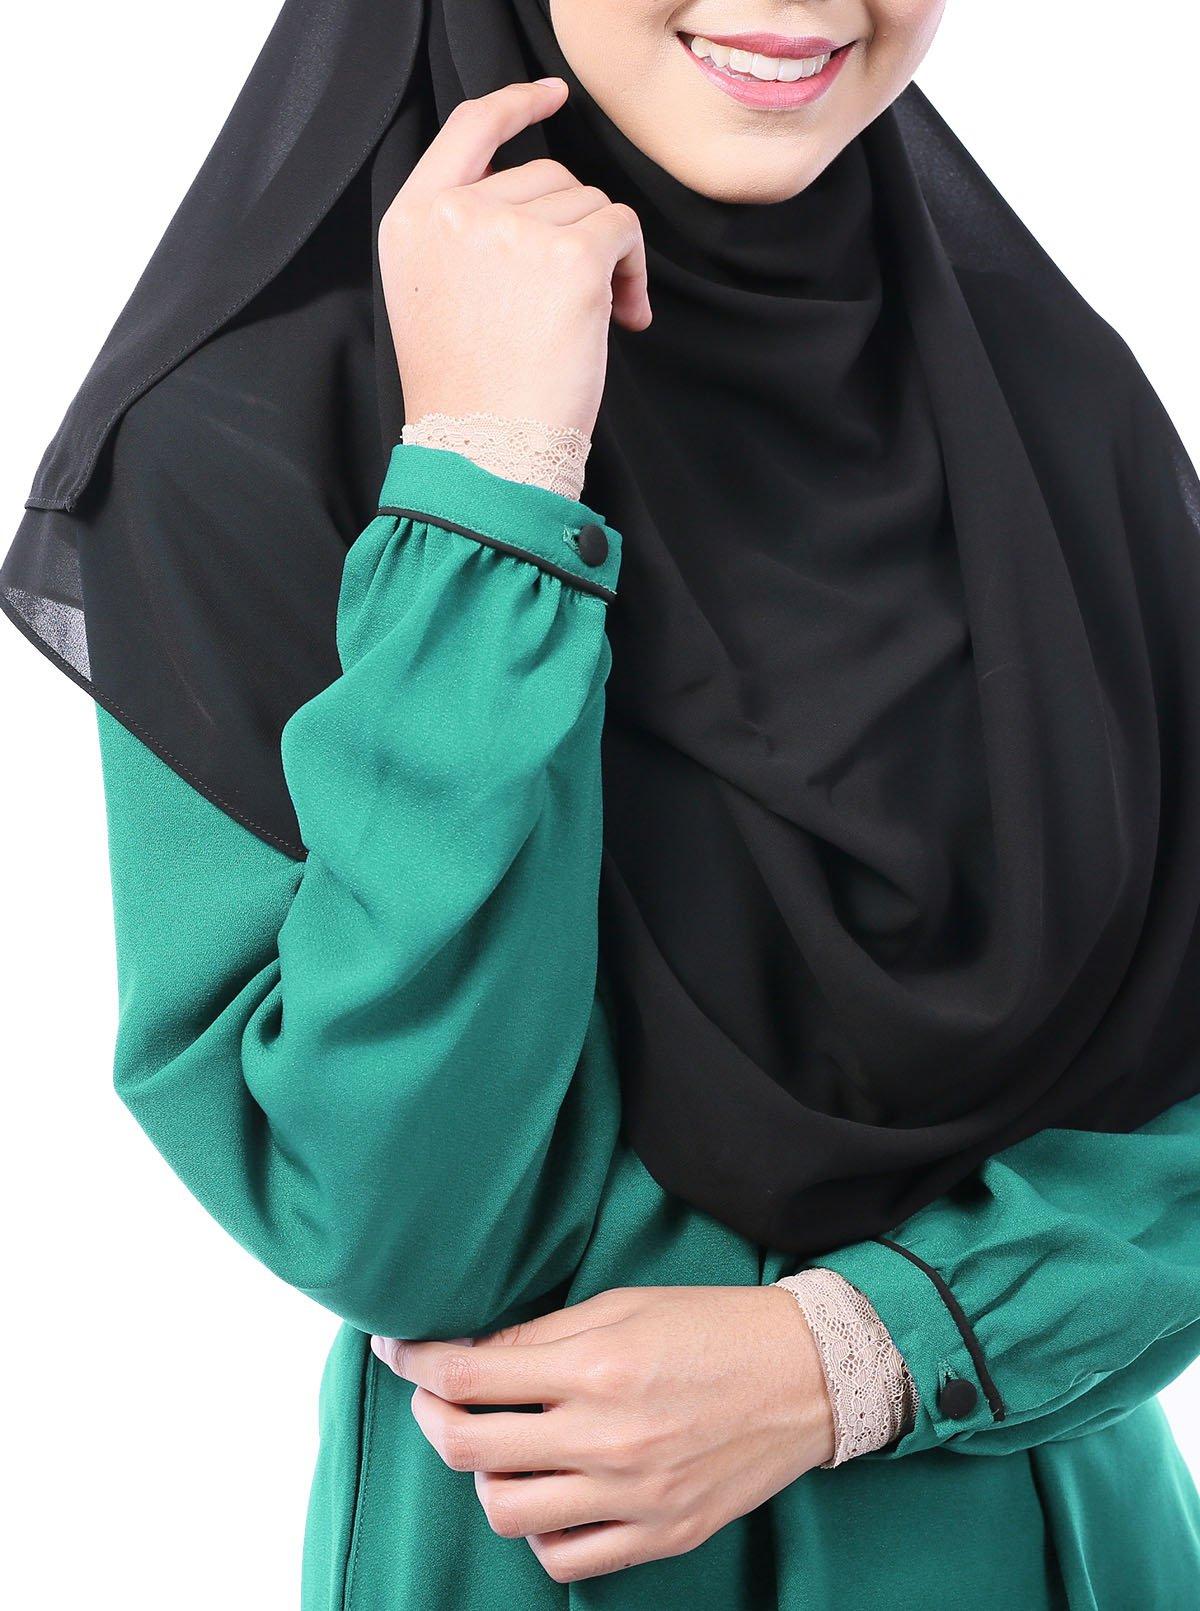 alva muslim Alva james-johnson: muslim columbus native to speak at carver-spencer unity breakfast yusuf abdus salaam grew up in columbus, the.